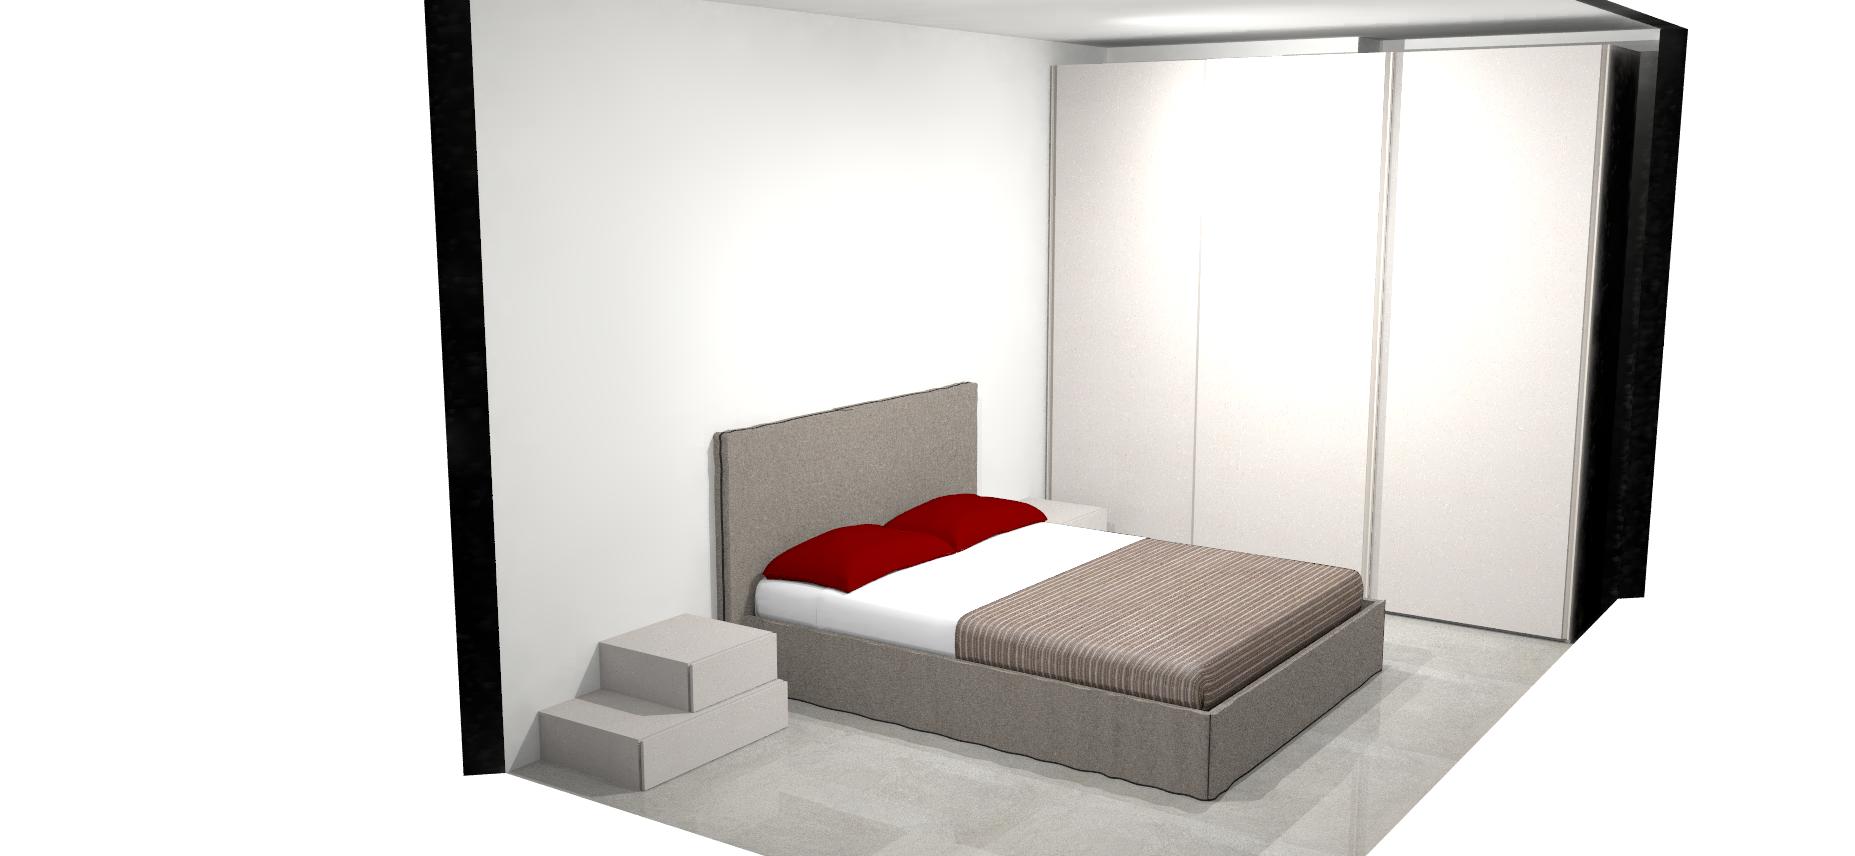 Rif la058 appartamento arredato in affitto in zona for Affitto carpenedolo arredato